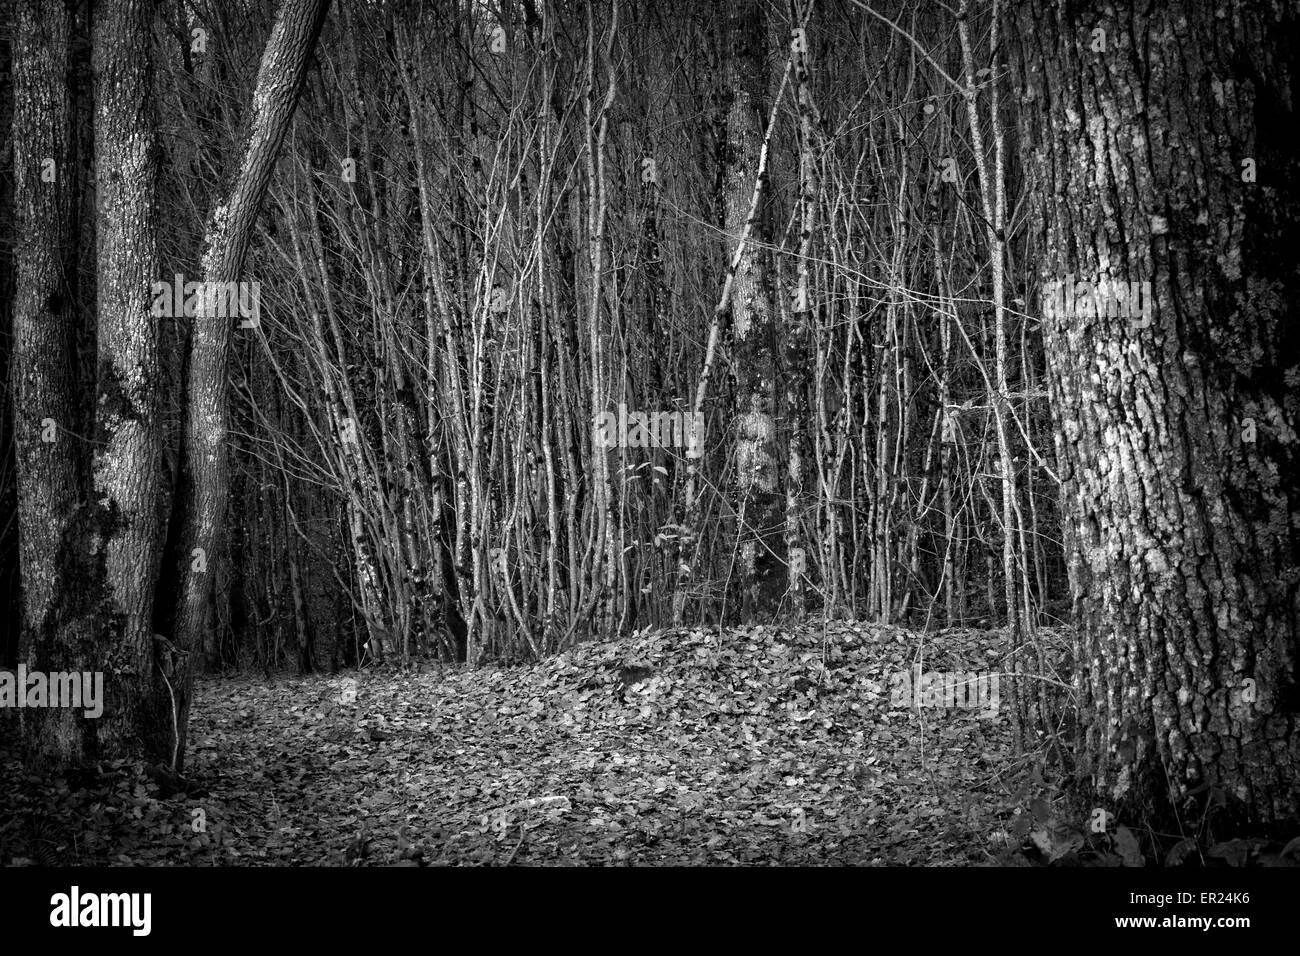 La madera del árbol del bosque bosque de árboles en blanco y negro Imagen De Stock